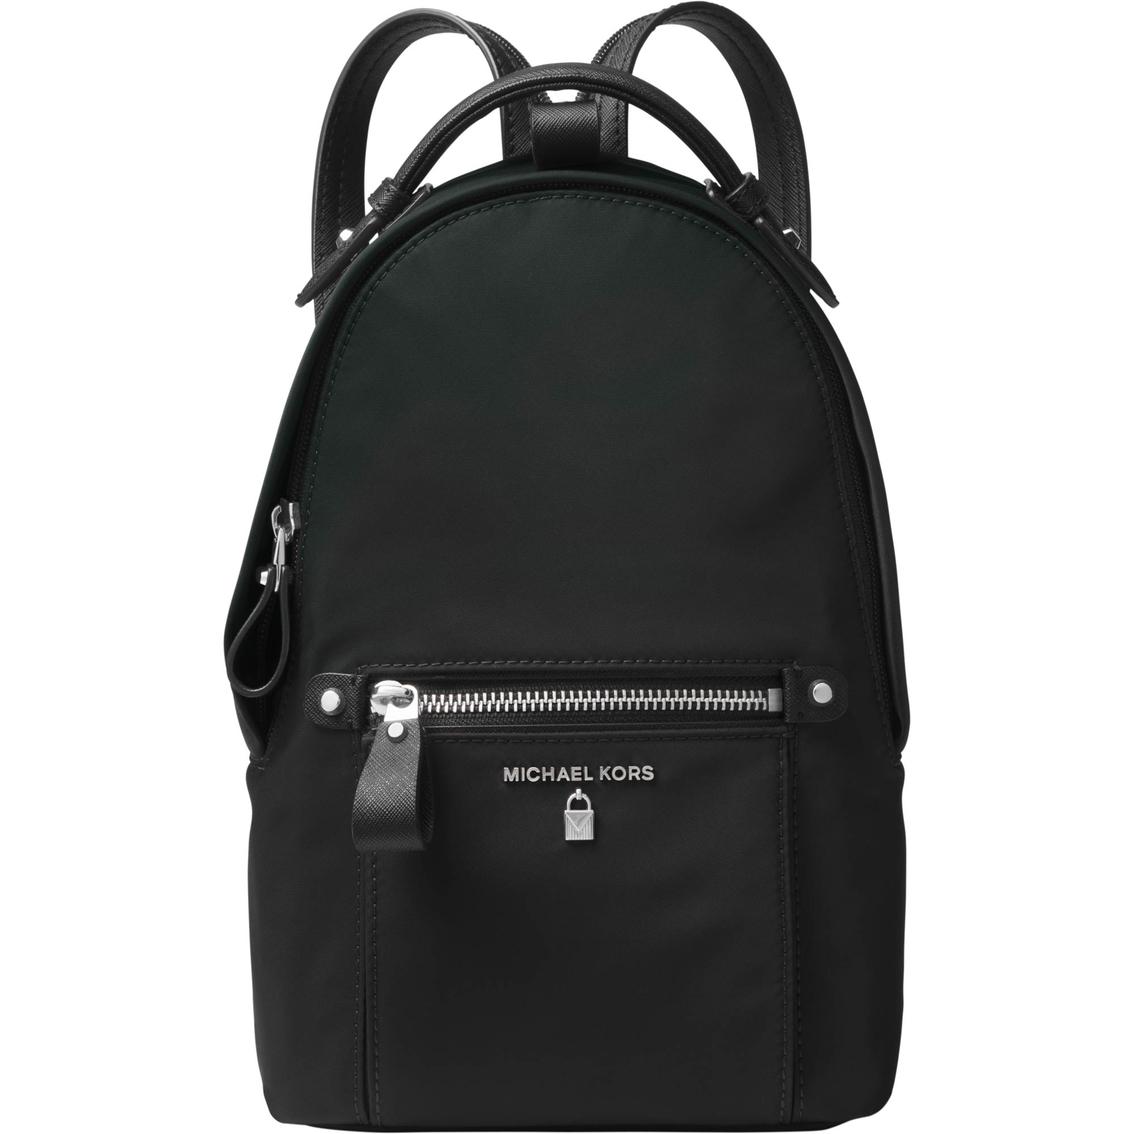 6a7270a16911 Michael Kors Nylon Kelsey Sling Pack, Black | Backpacks | More ...